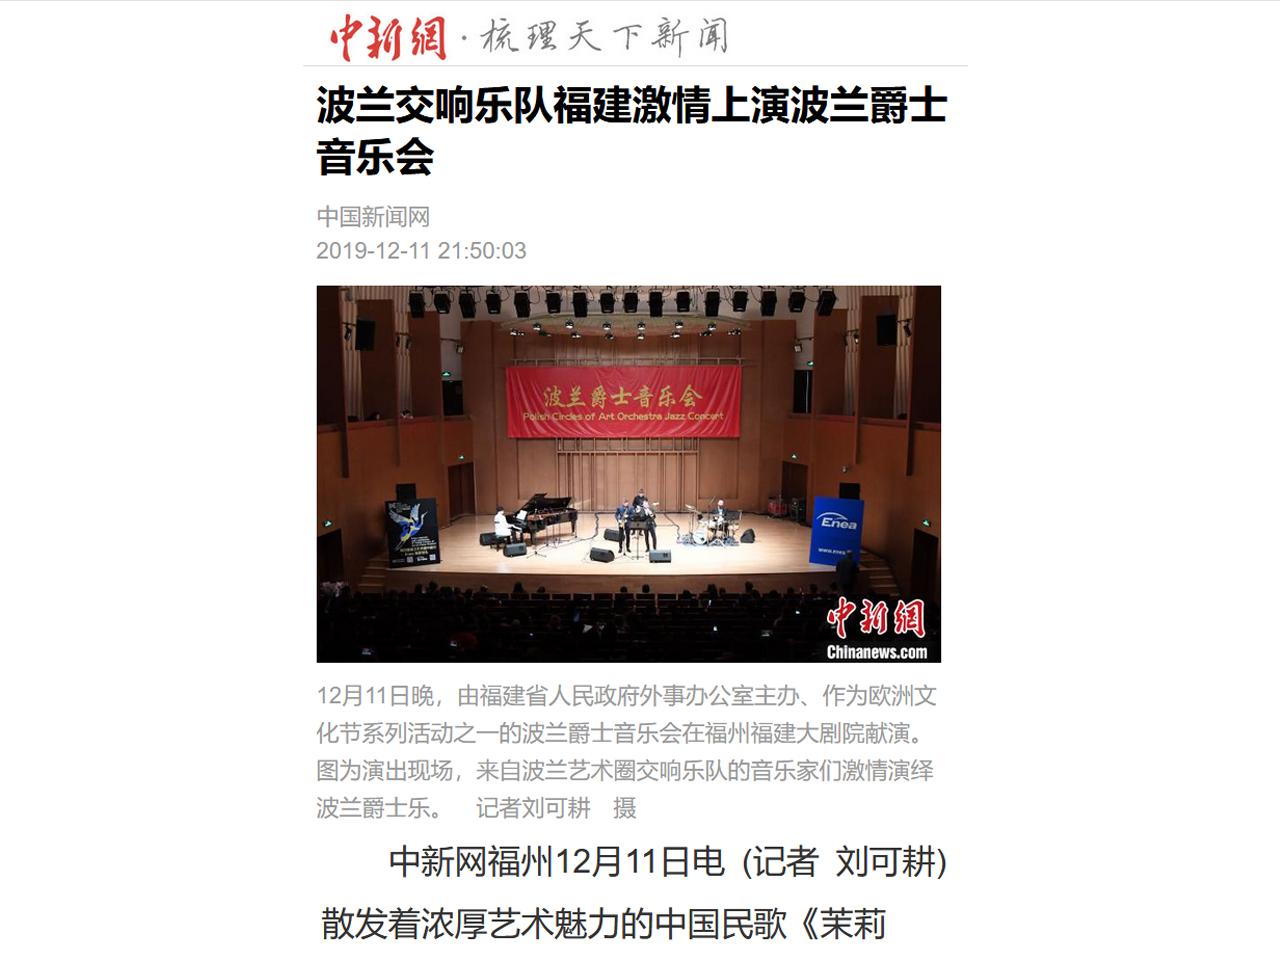 20191211_chinanews.com